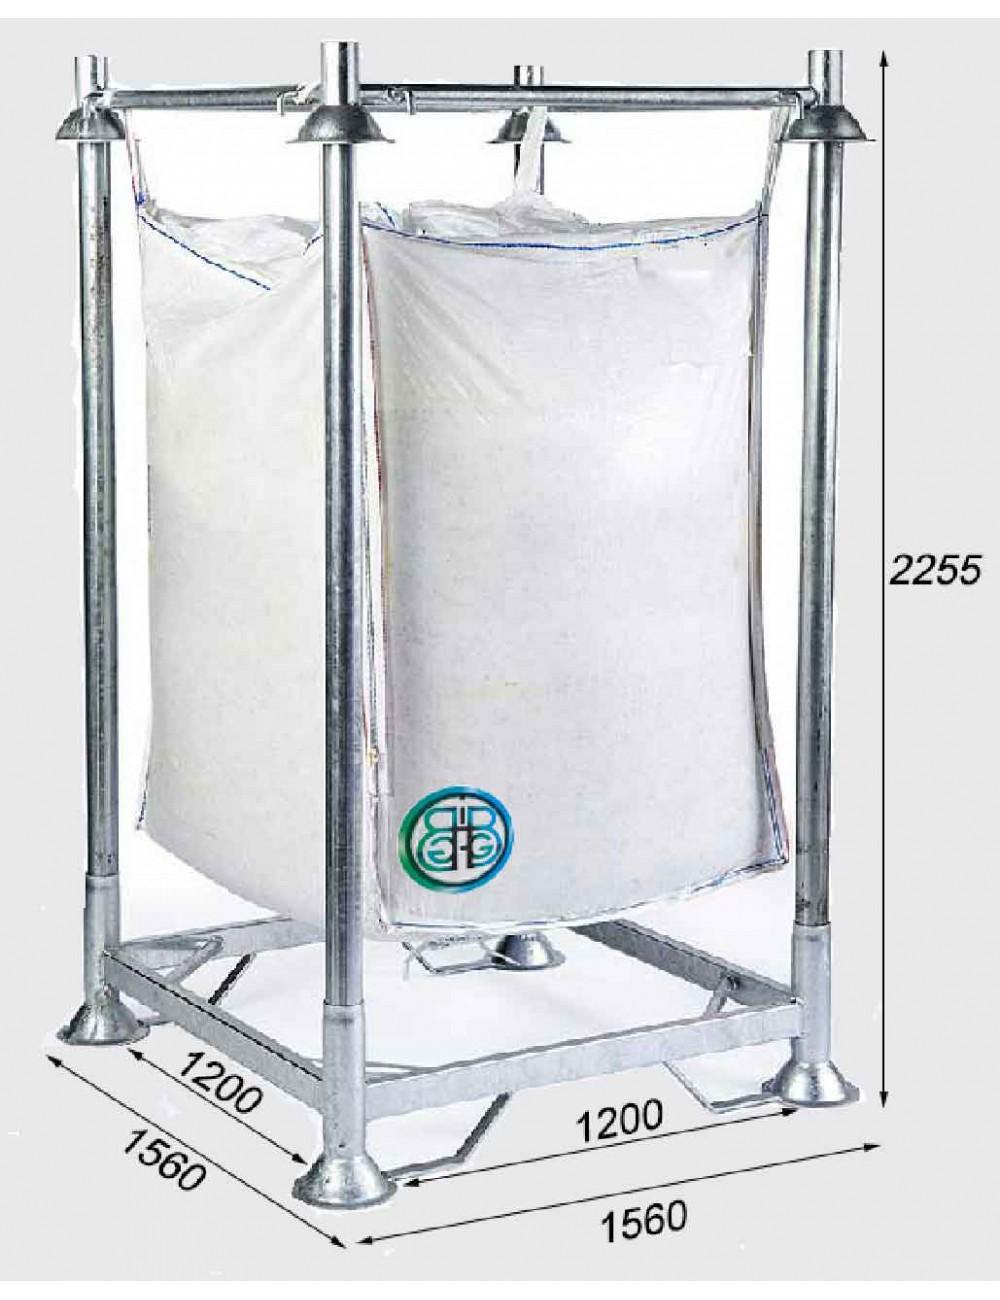 Supporti per Big Bag Altezza 225,5 cm - 1560X1560X2100